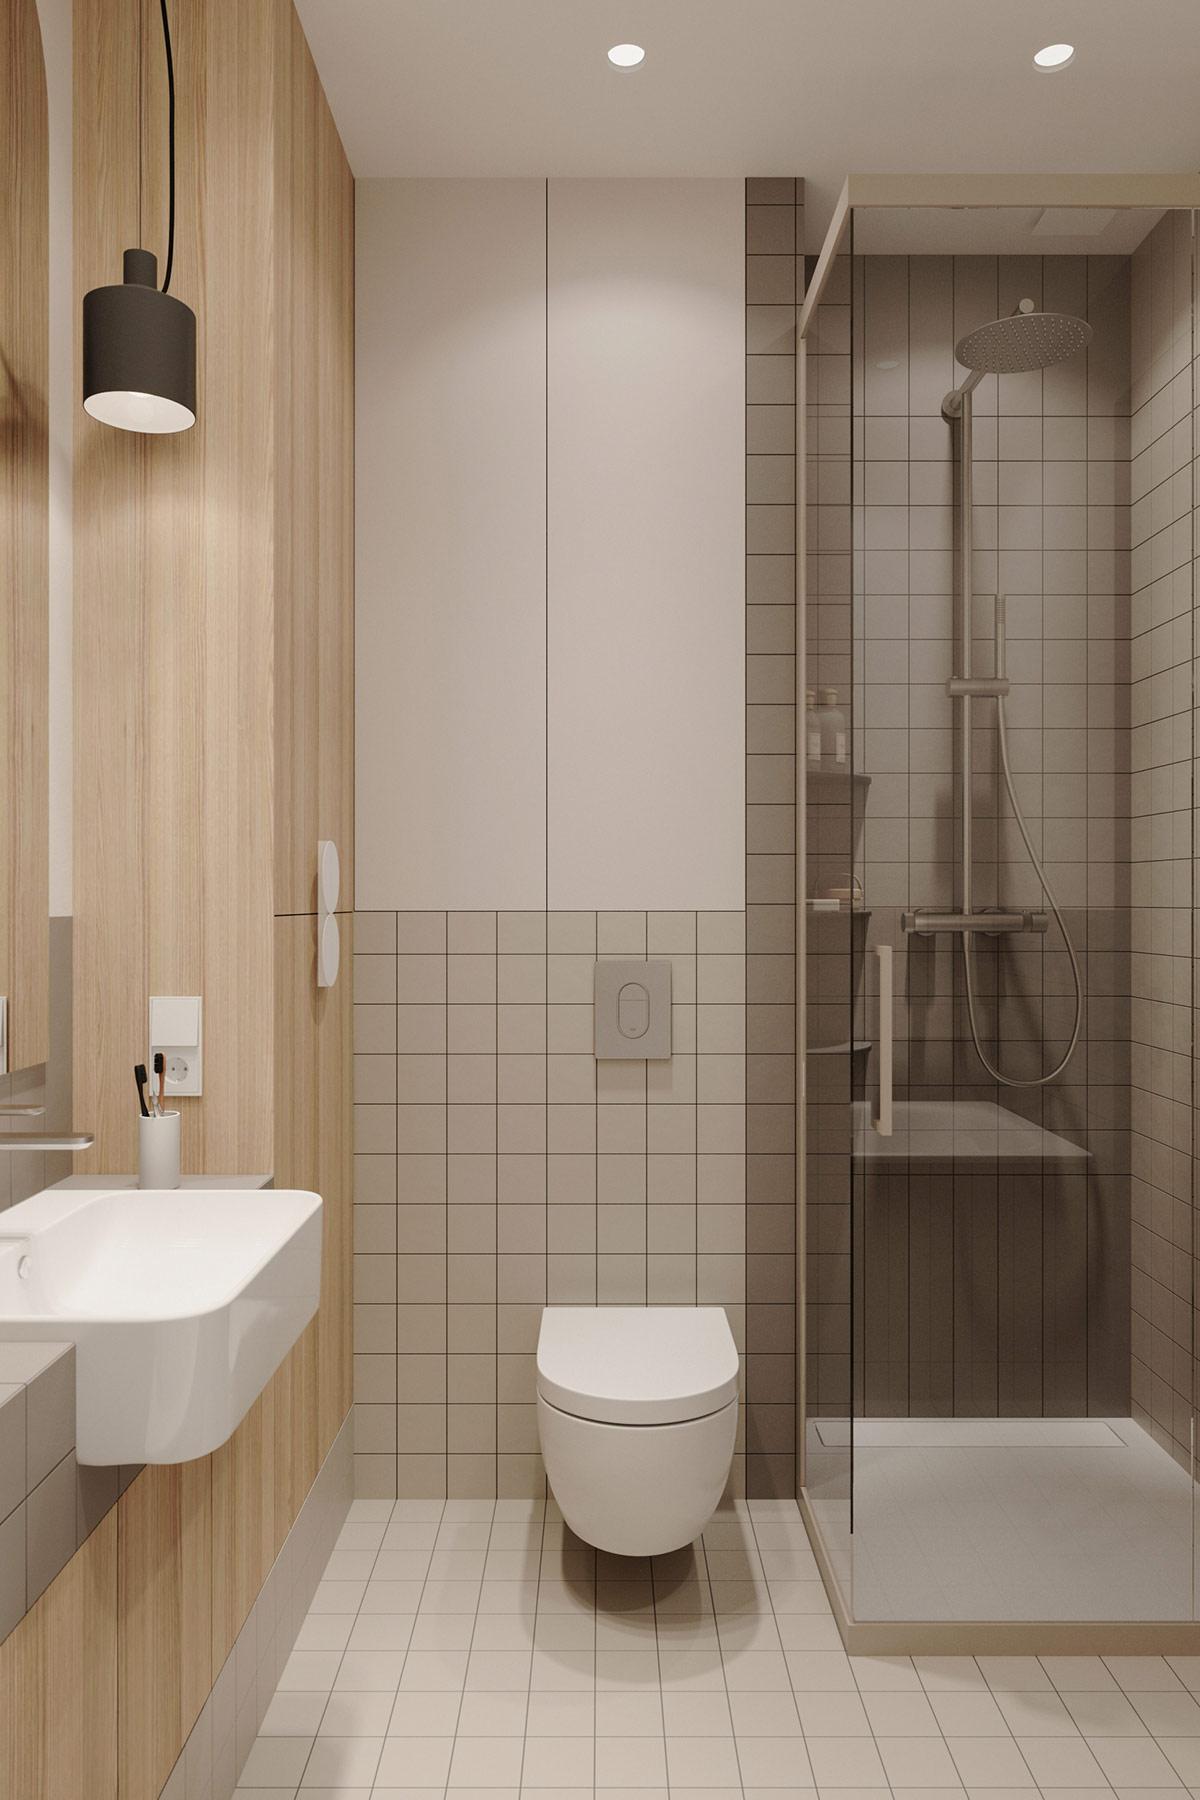 Tư vấn thiết kế căn hộ 69m² với phong cách tối giản trong khoảng chi phí 170 triệu đồng - ảnh 11